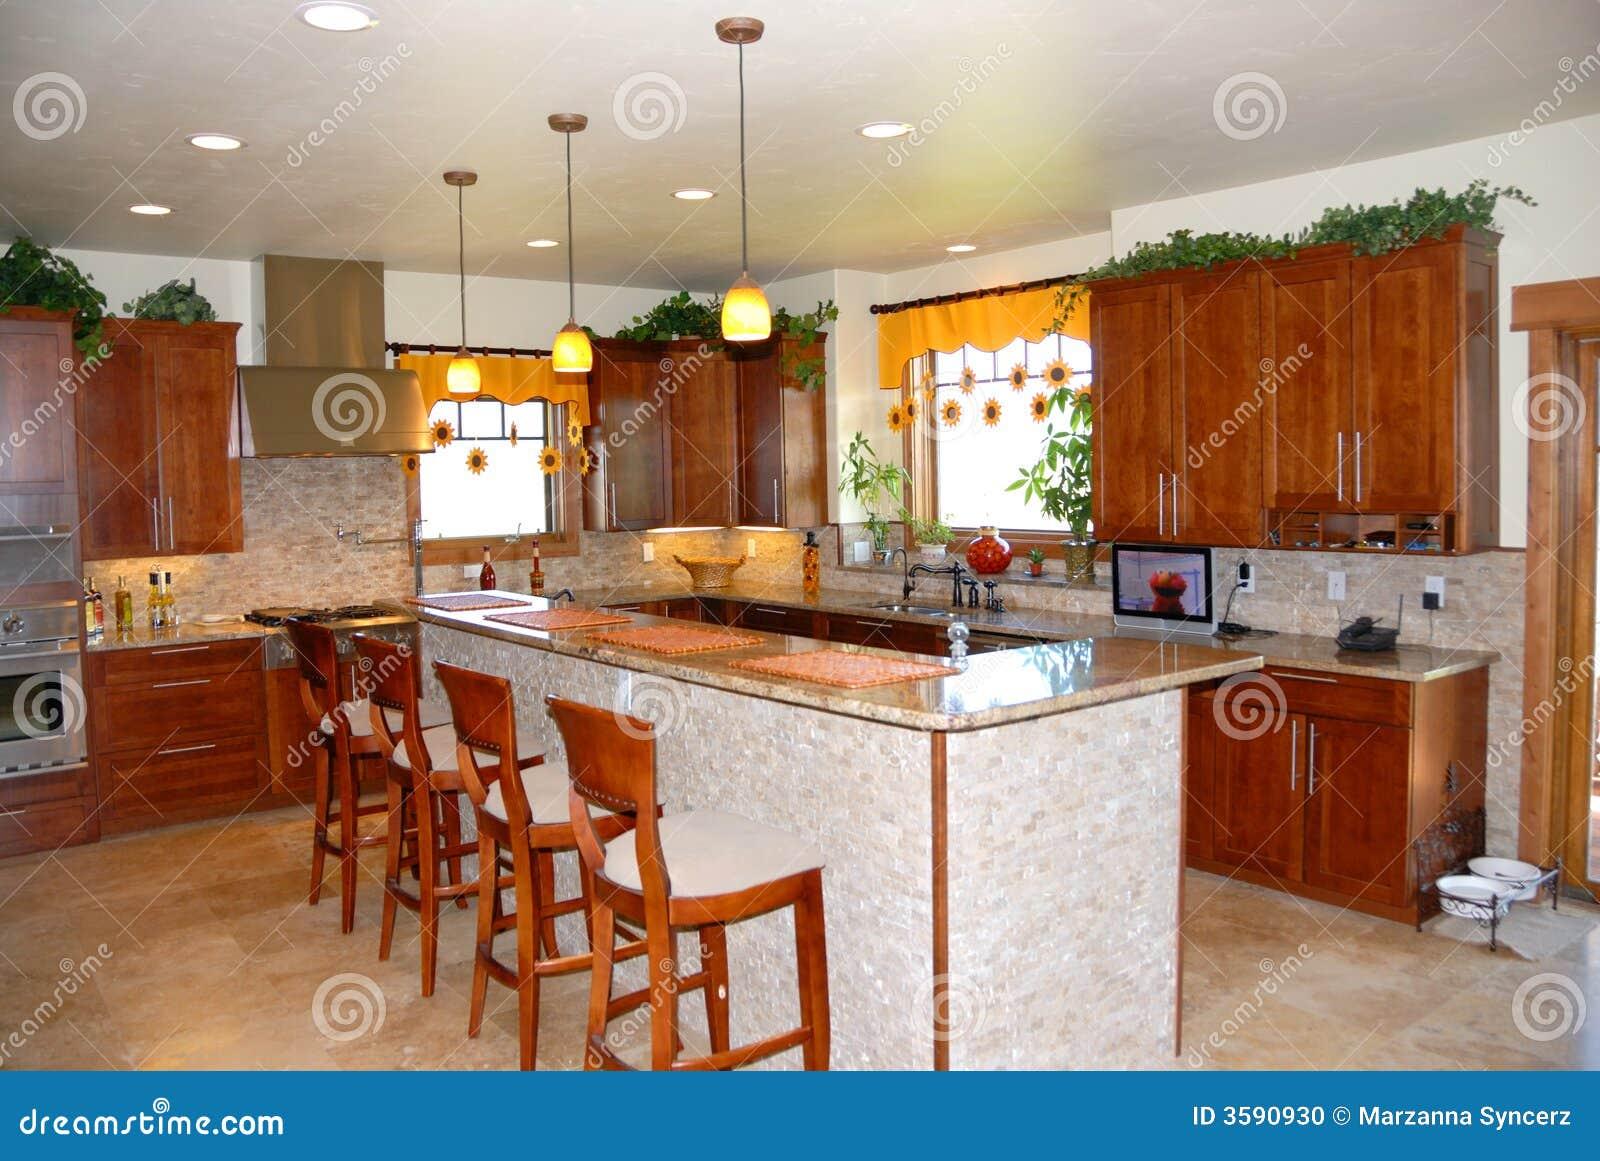 Cocina moderna con la barra del almuerzo foto de archivo for Barras modernas